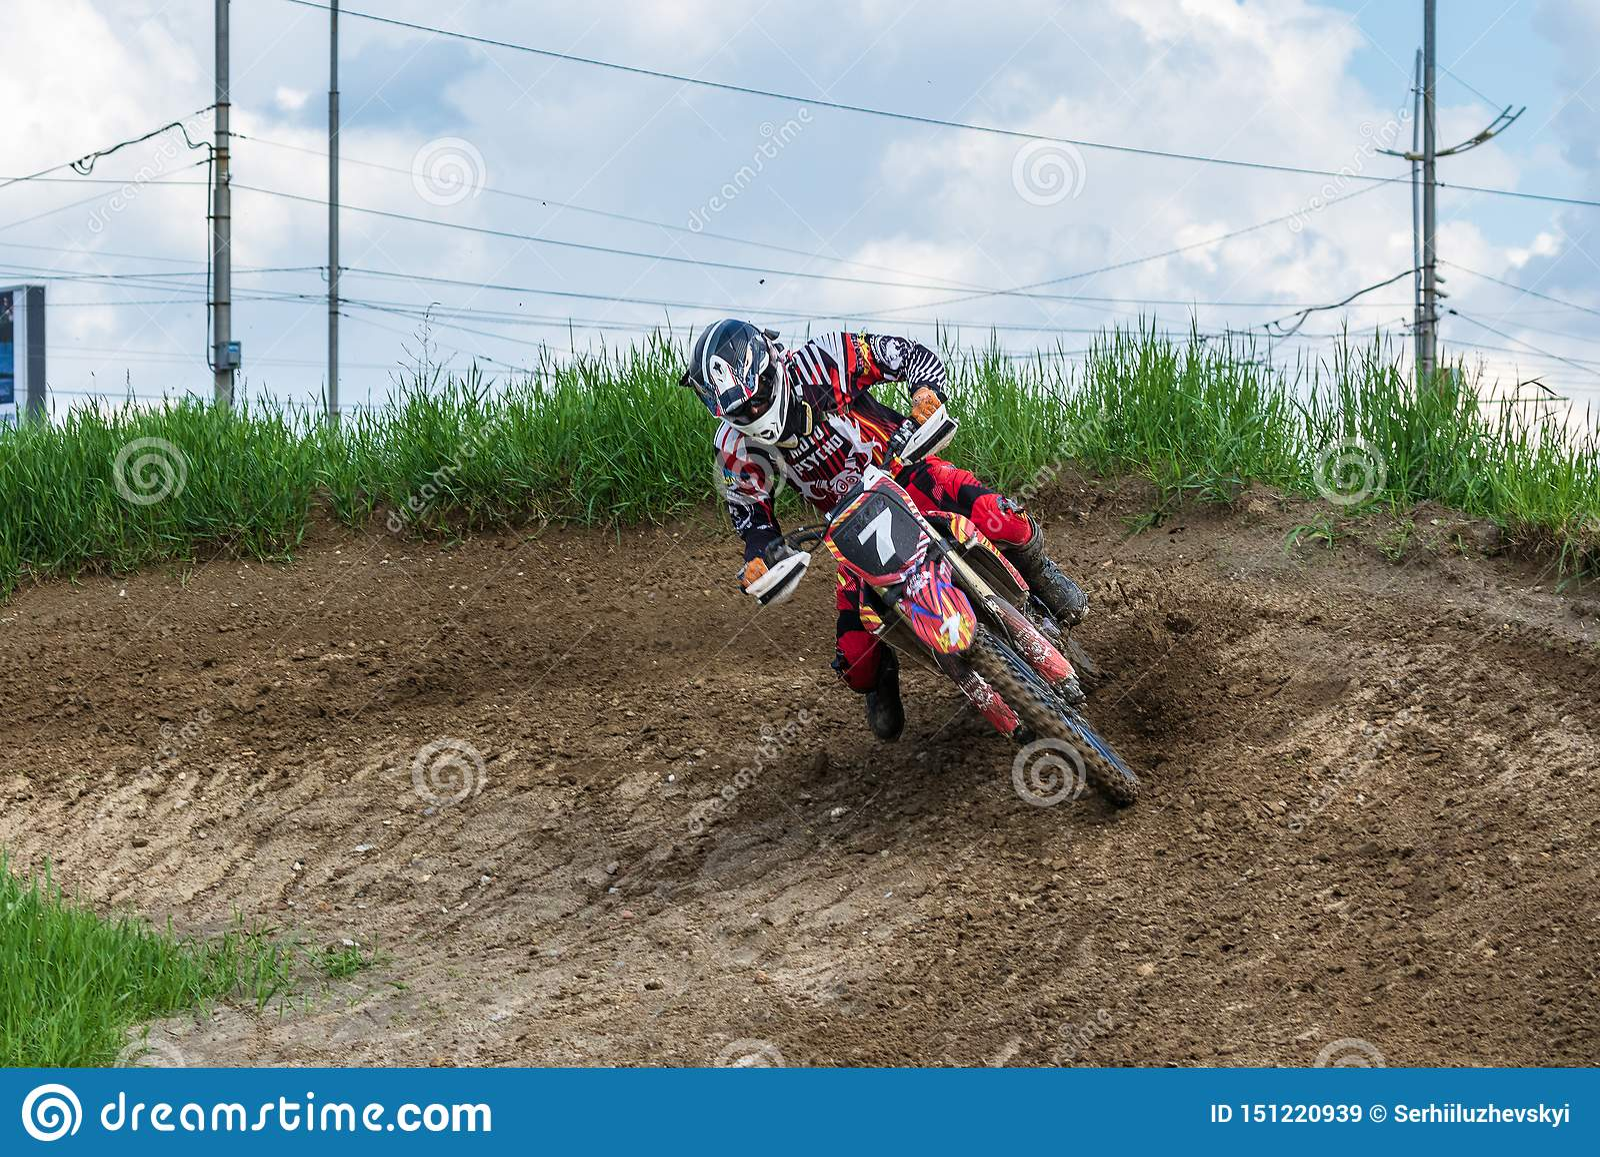 Motocross De motorrijder in een kromming sleept langs een landweg, vuilvliegen van onder de wielen mee Actieve extreme rust